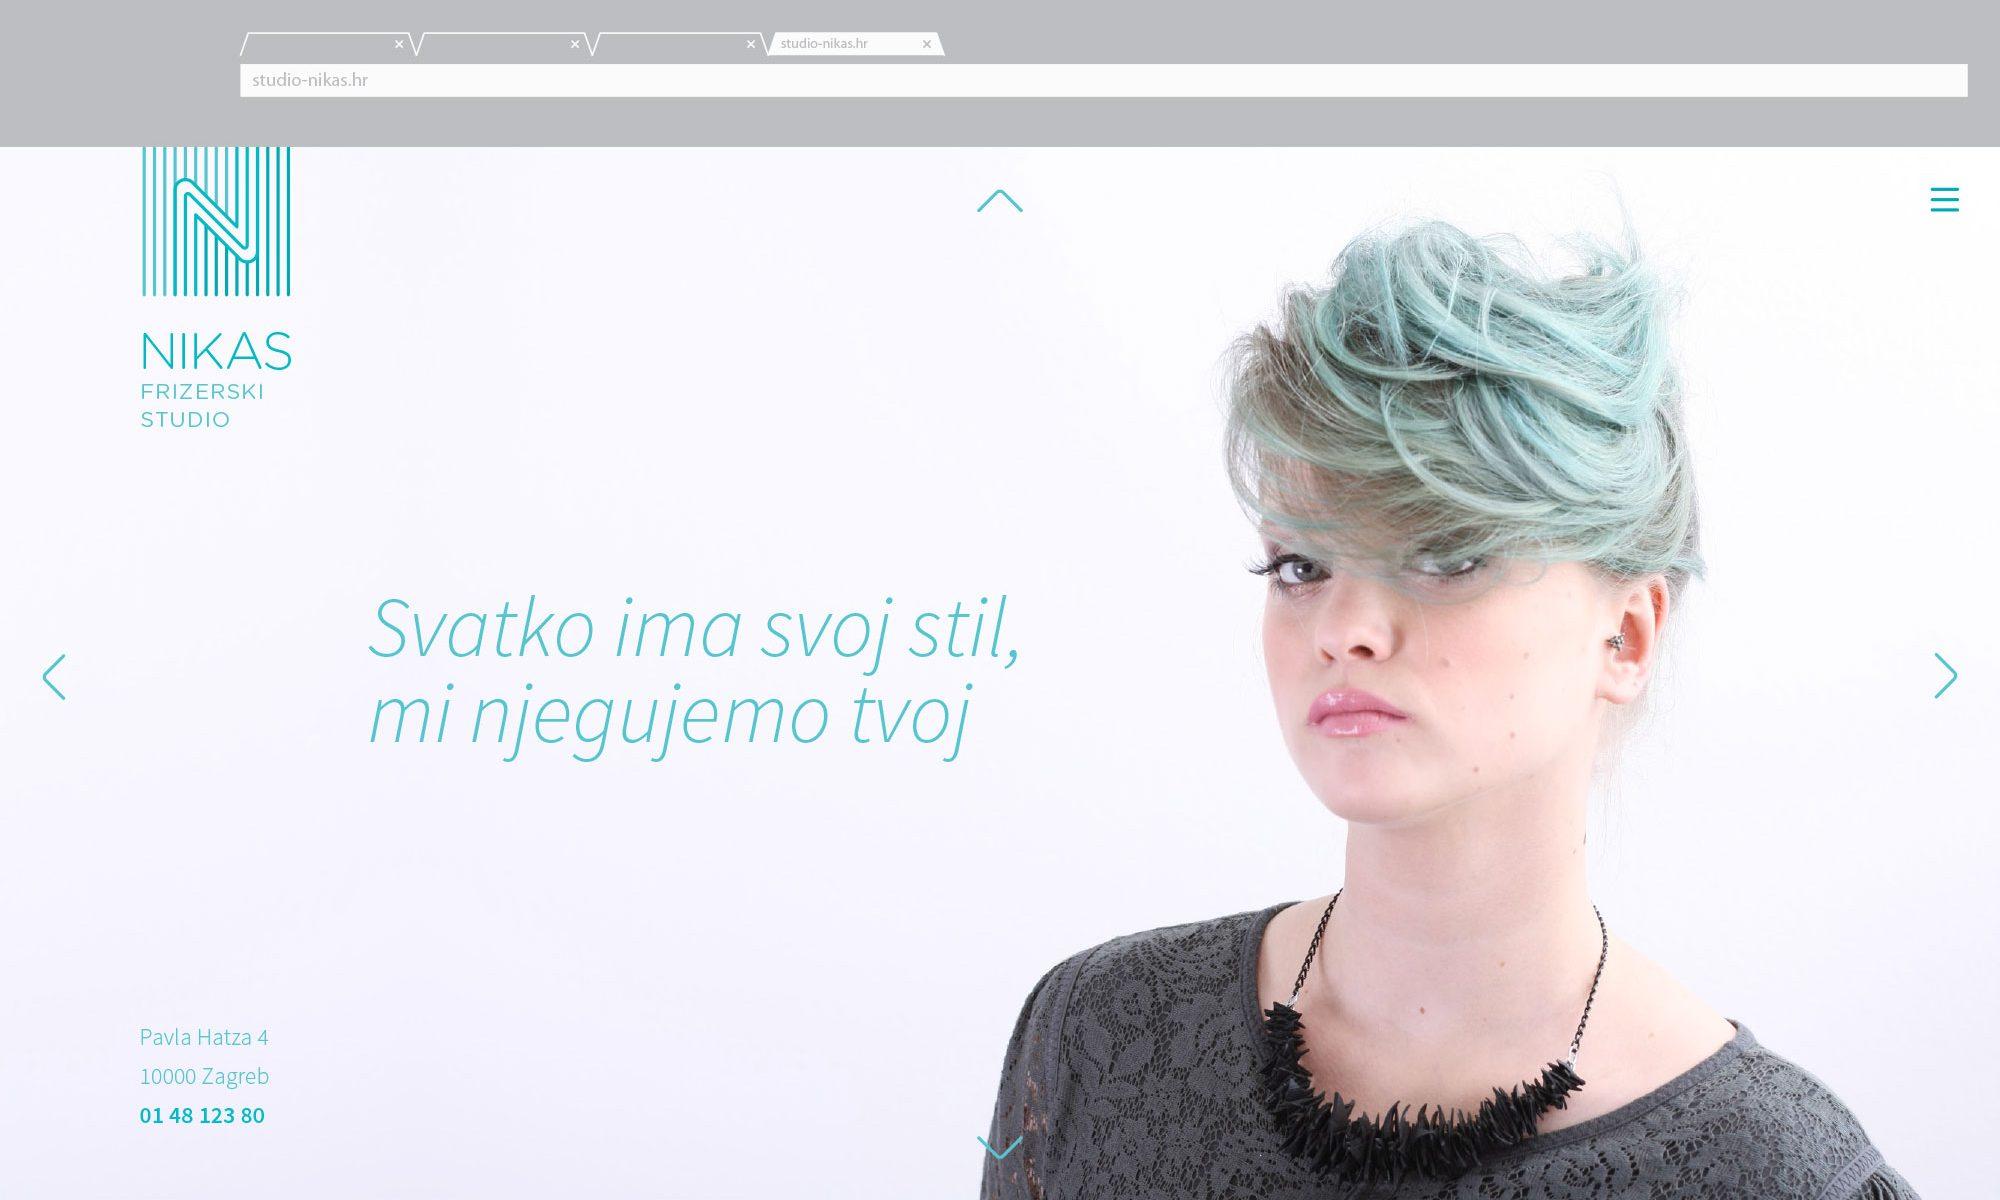 masavukmanovic.com - nikas - visual identity 05